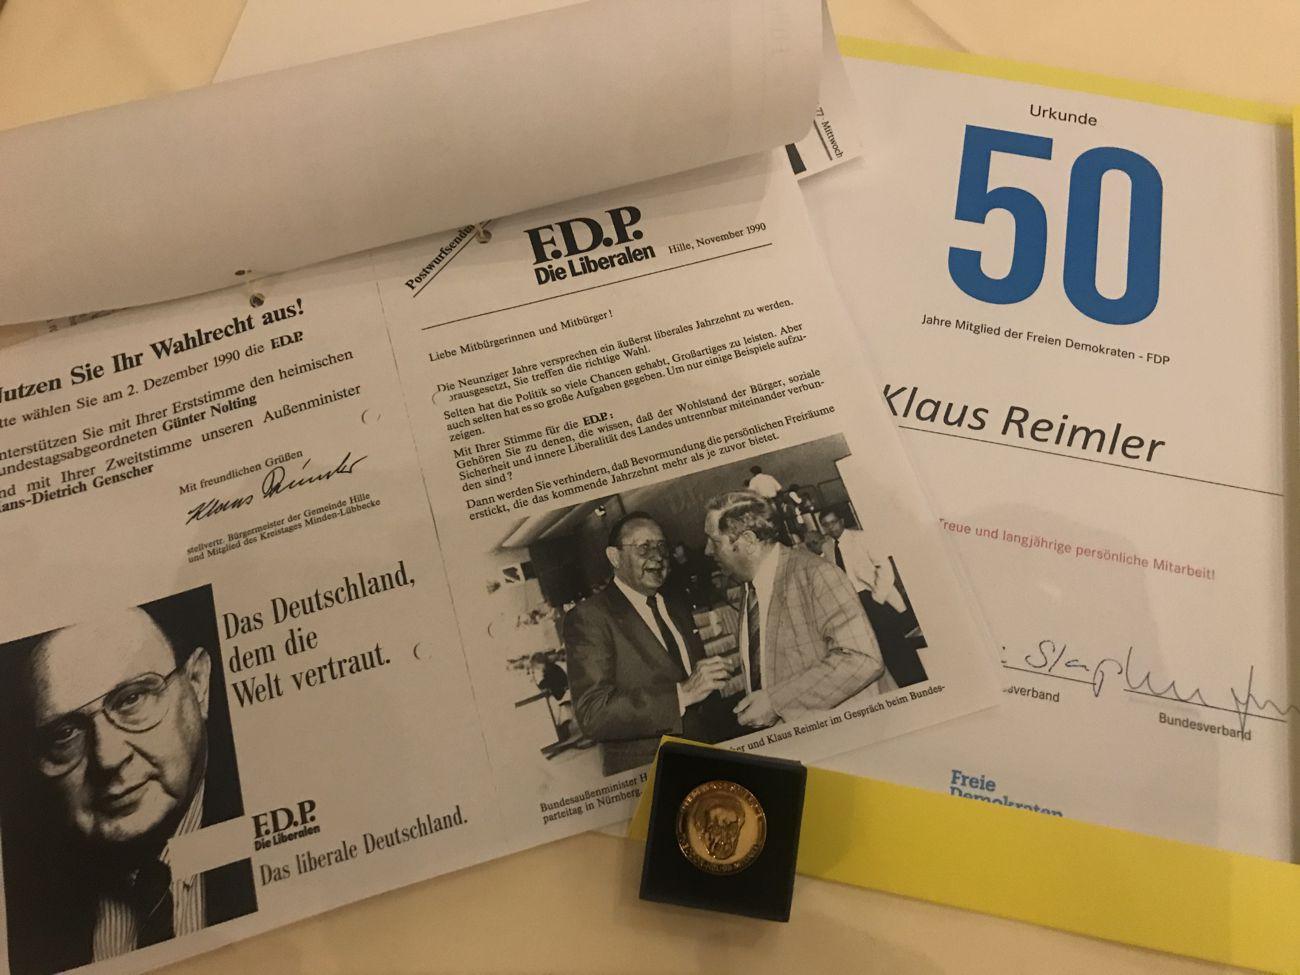 Urkunde + Medaille in Gold + Flyer